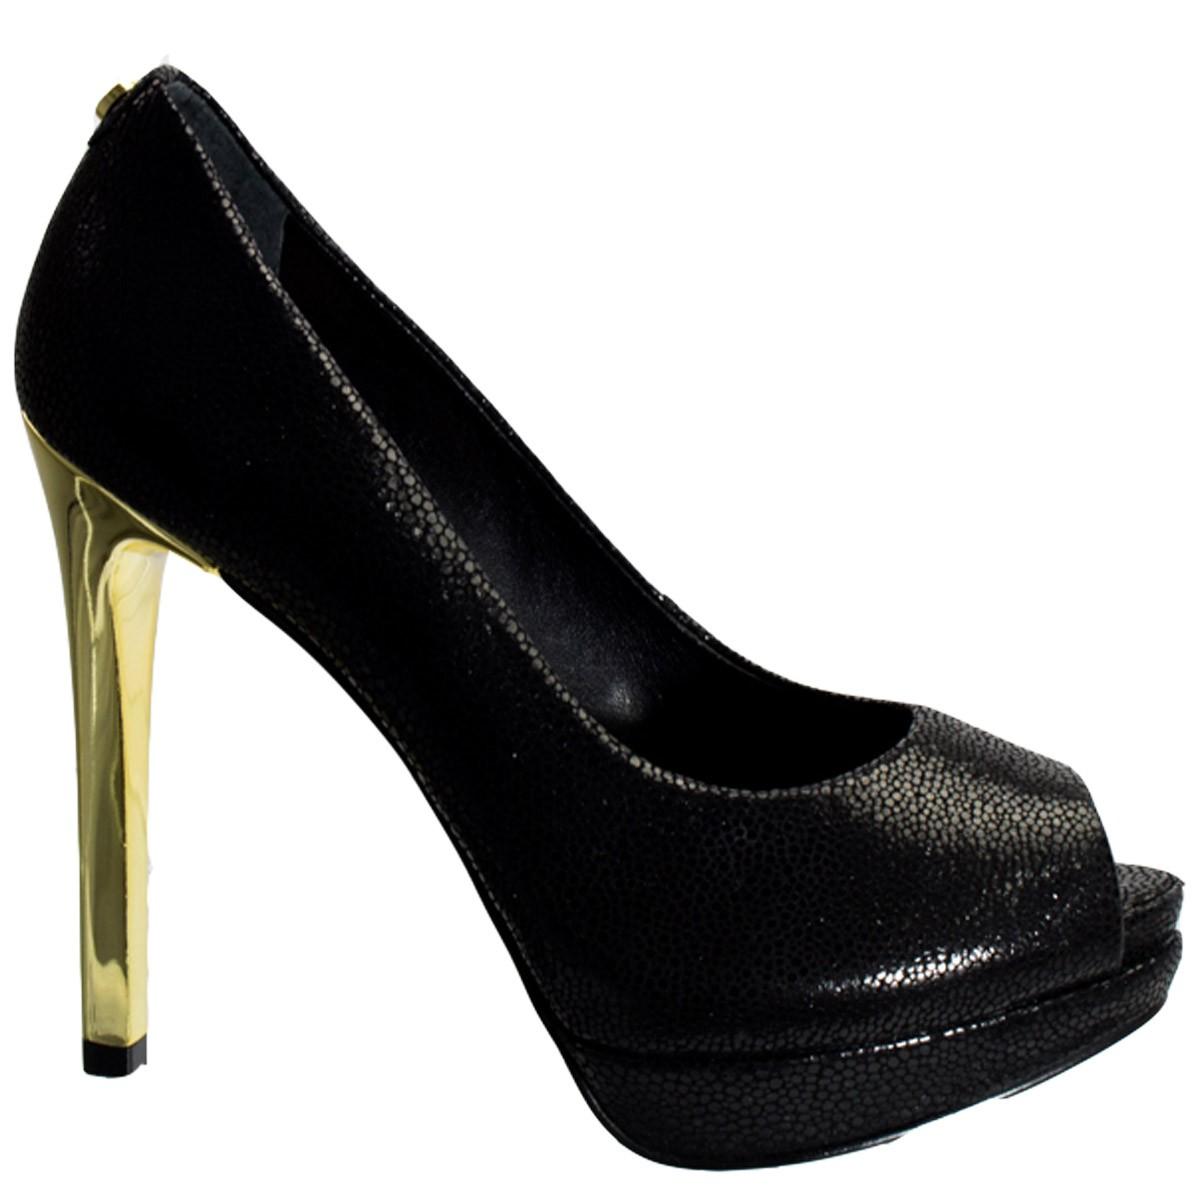 fb67a0f1e1 Bizz Store - Sapato Peep Toe Feminino Jorge Bischoff Preto